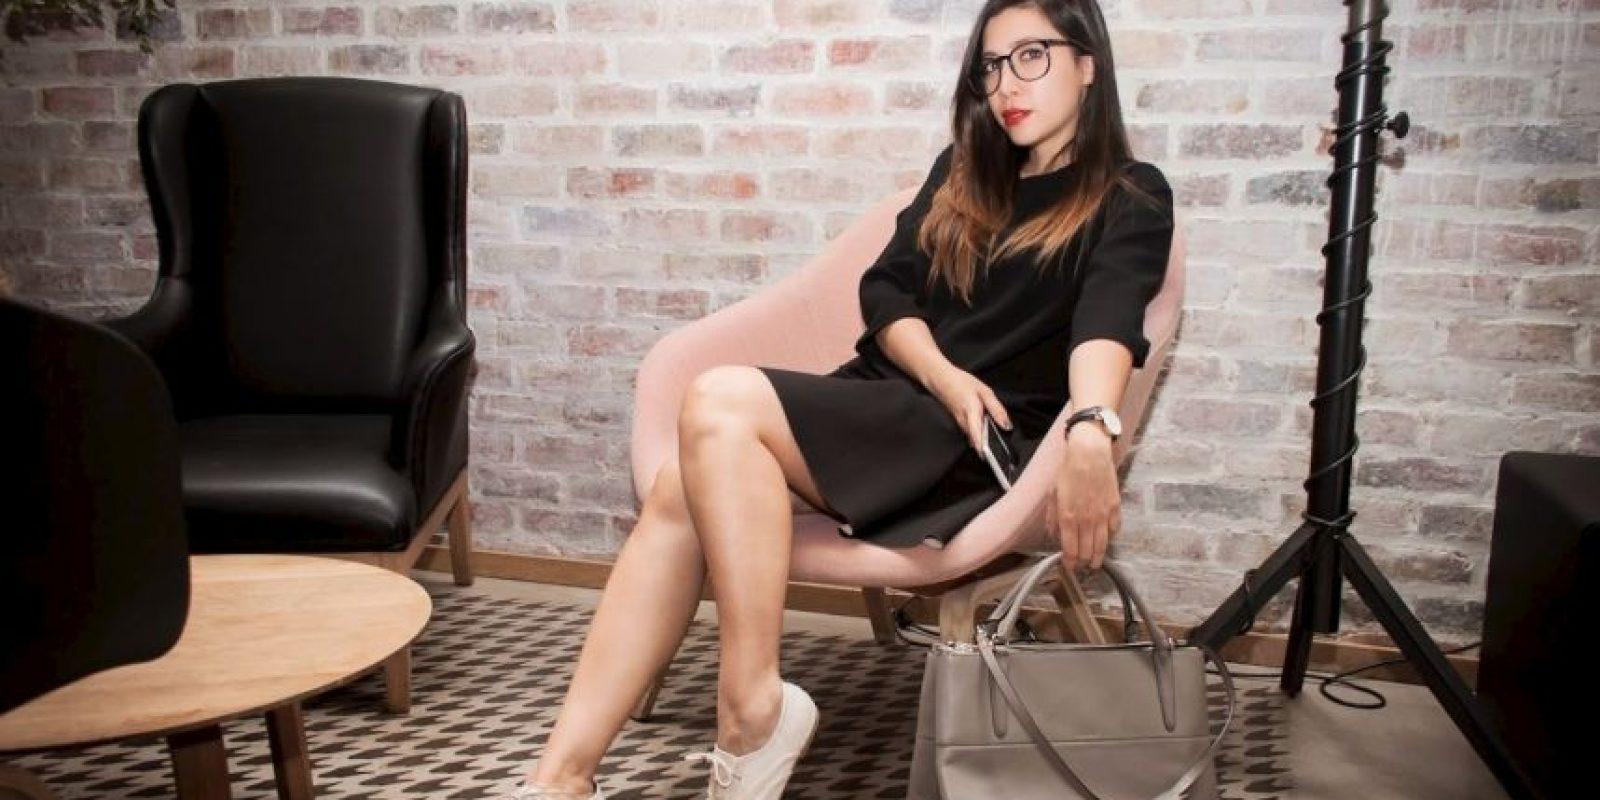 """Ángela Diez es colombiana y en la web se conoce como Ita María. Es la creadora del popular blog de moda """"De la Moda y Otros Demonios"""". Foto:Zico Rodríguez/De la Moda y otros Demonios"""